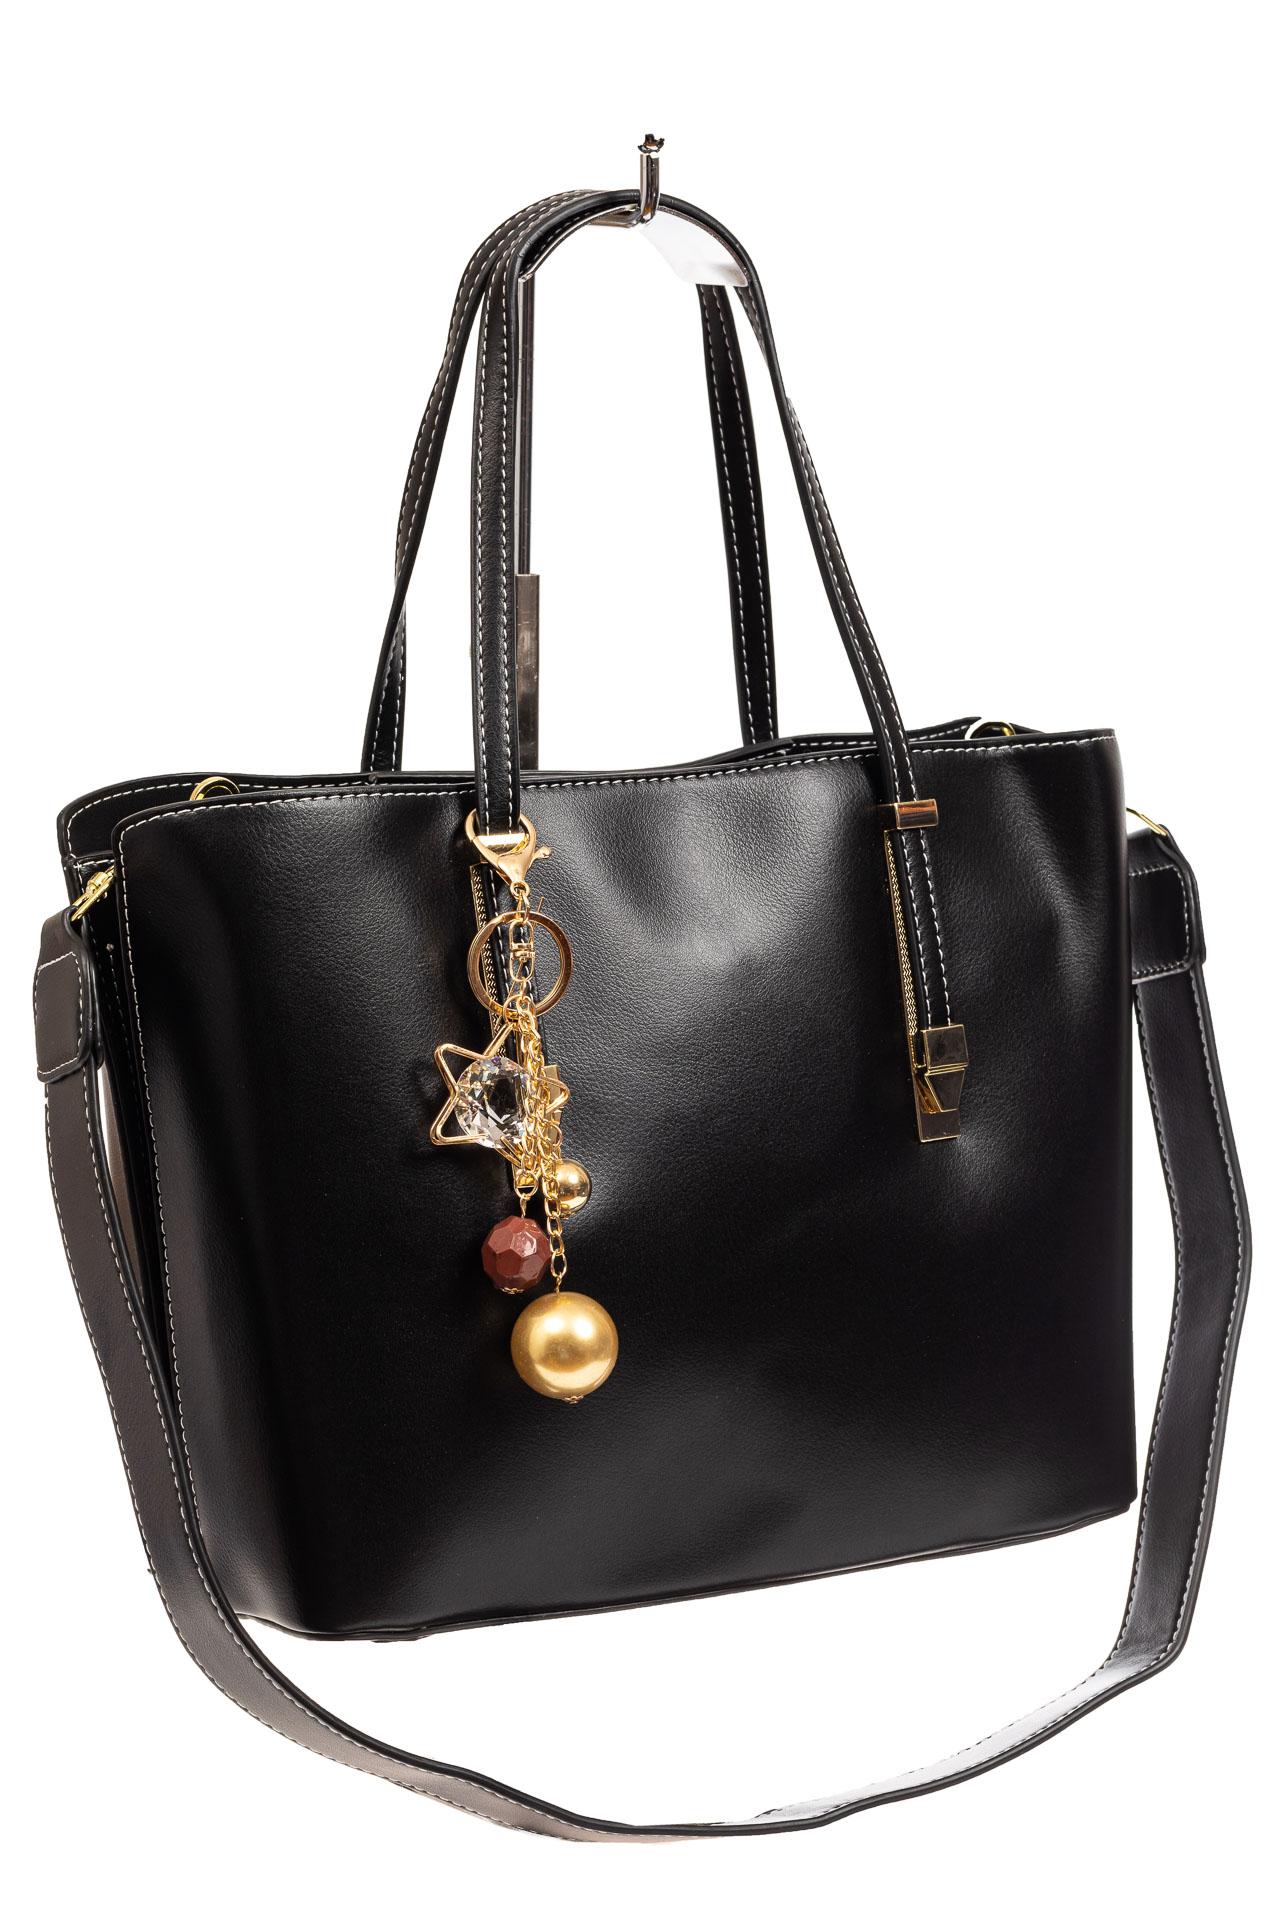 Женская сумка тоут из искусственной кожи, цвет черный8670PJ0520/1